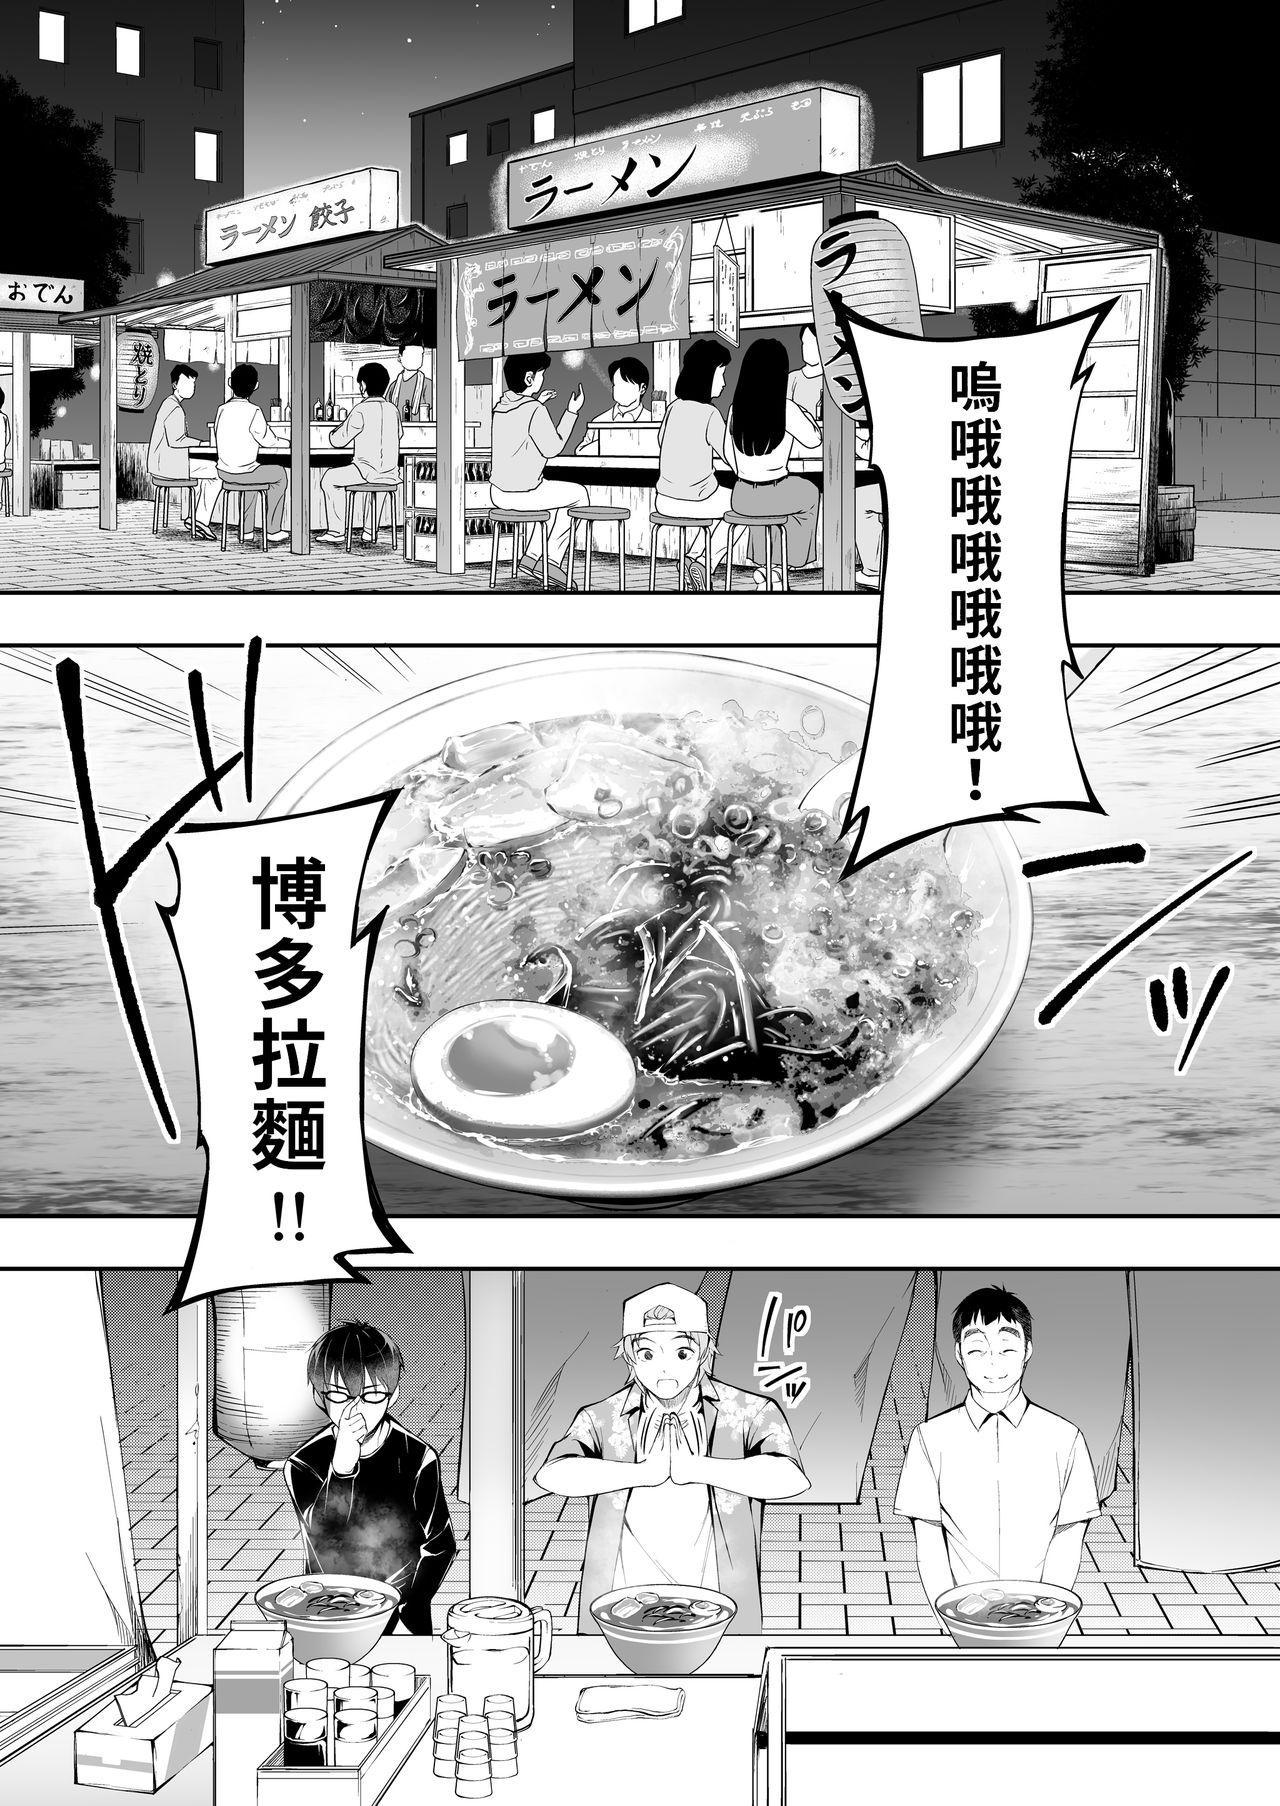 Panpan Travelers Hakata Shuudan Rape Ryokou | 吃飯兼炒飯TRAVELERS~博多集團強●旅行 24